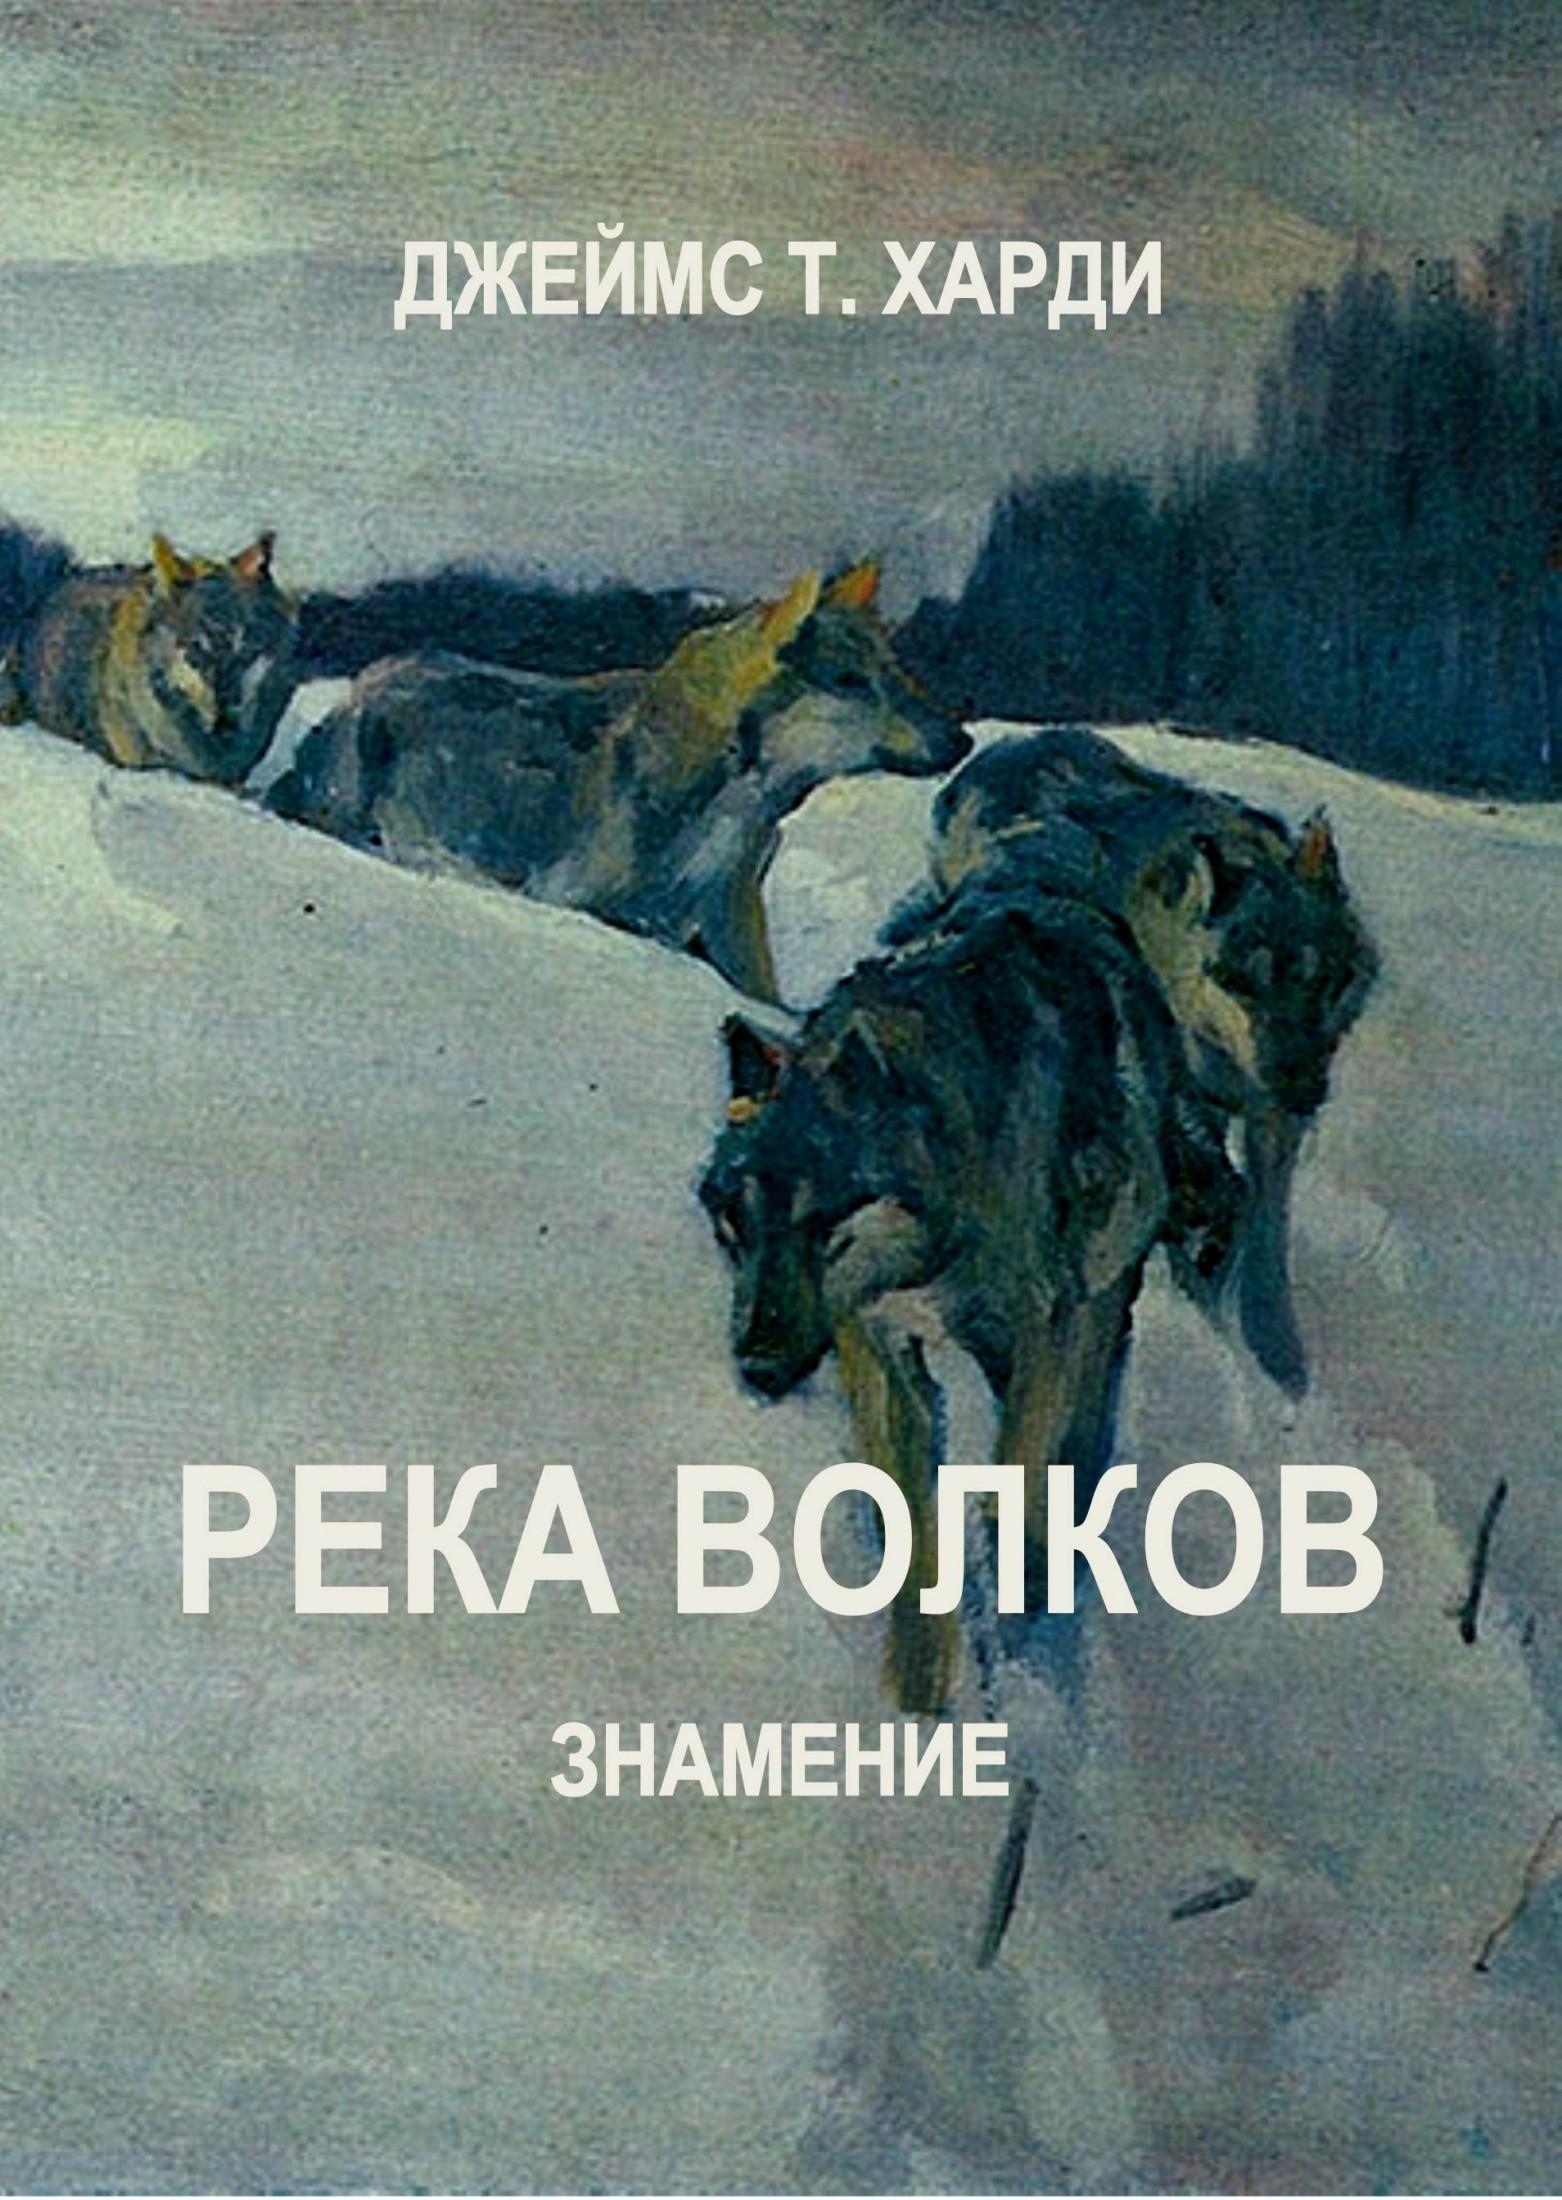 Обложка книги Река Волков. Знамение, автор Джеймс Т. Харди